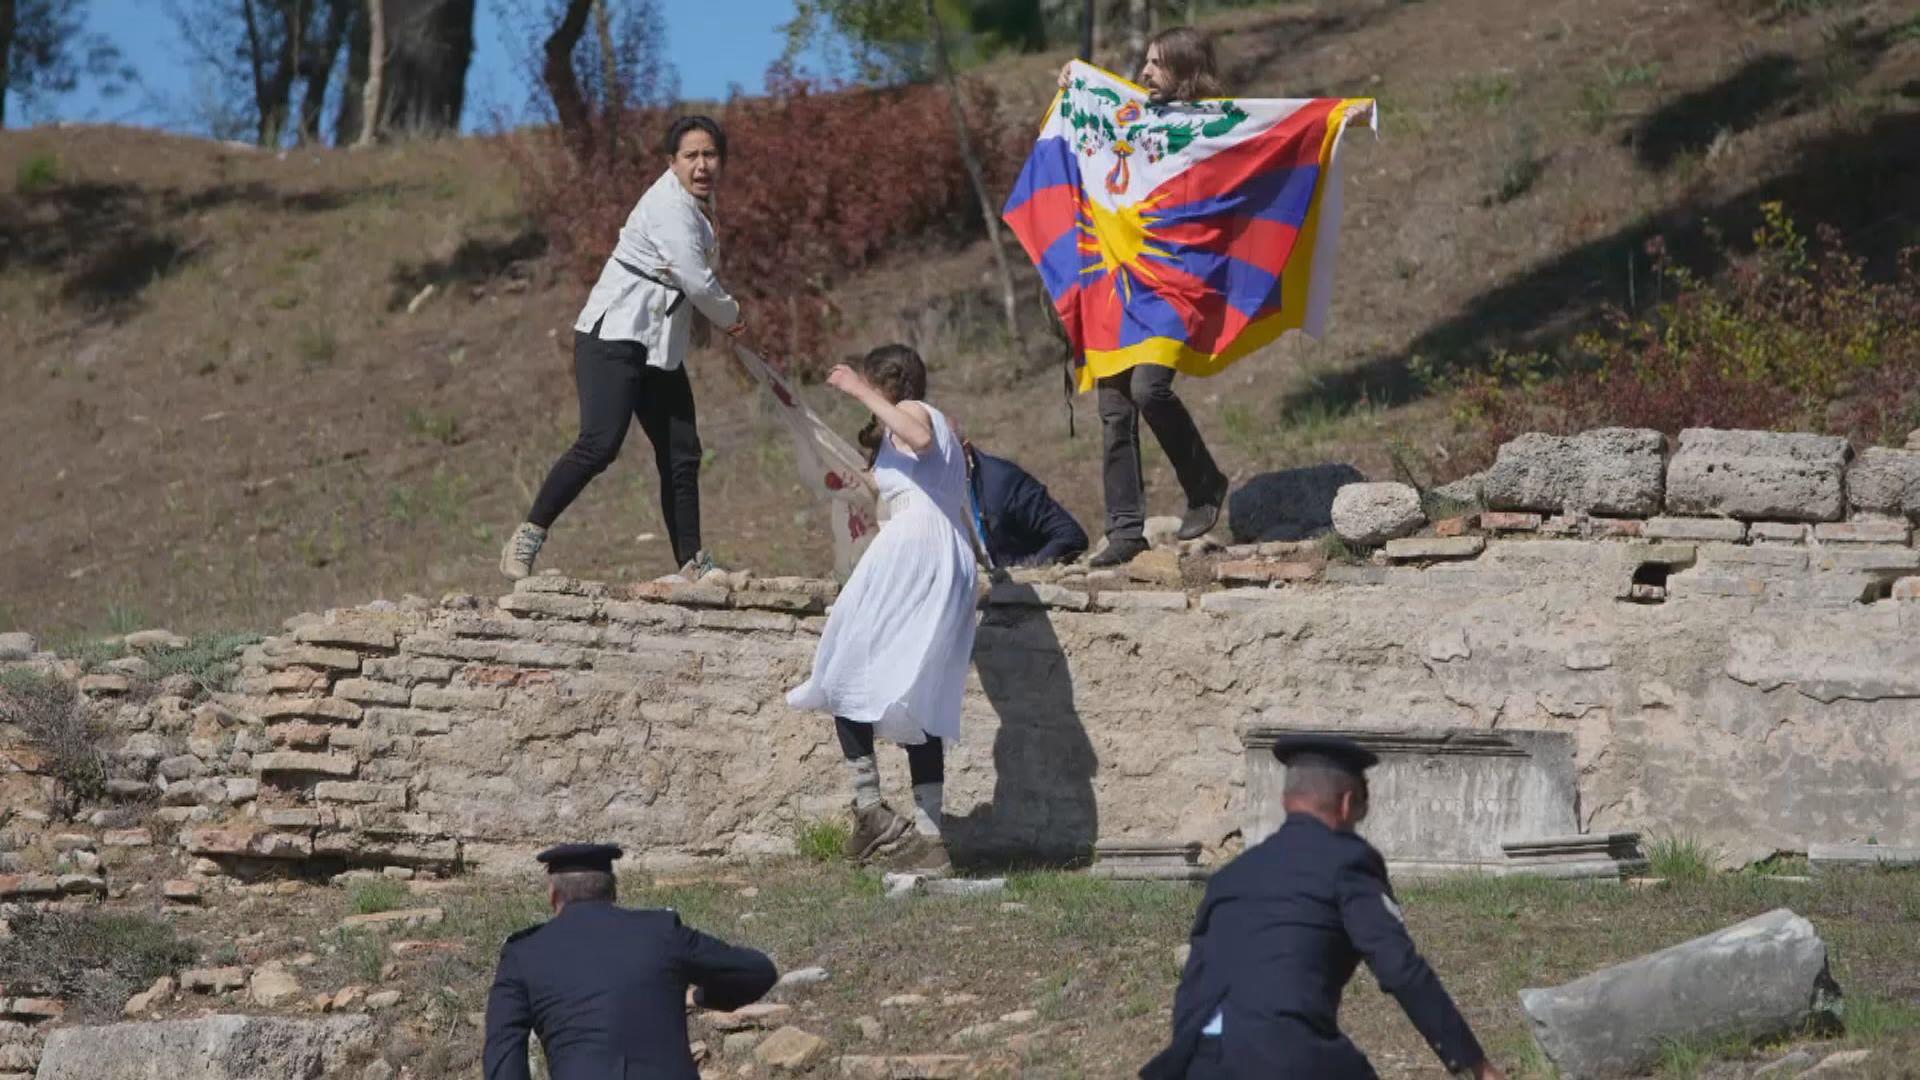 北京冬奧聖火採集儀式前 有示威者企圖闖入被捕